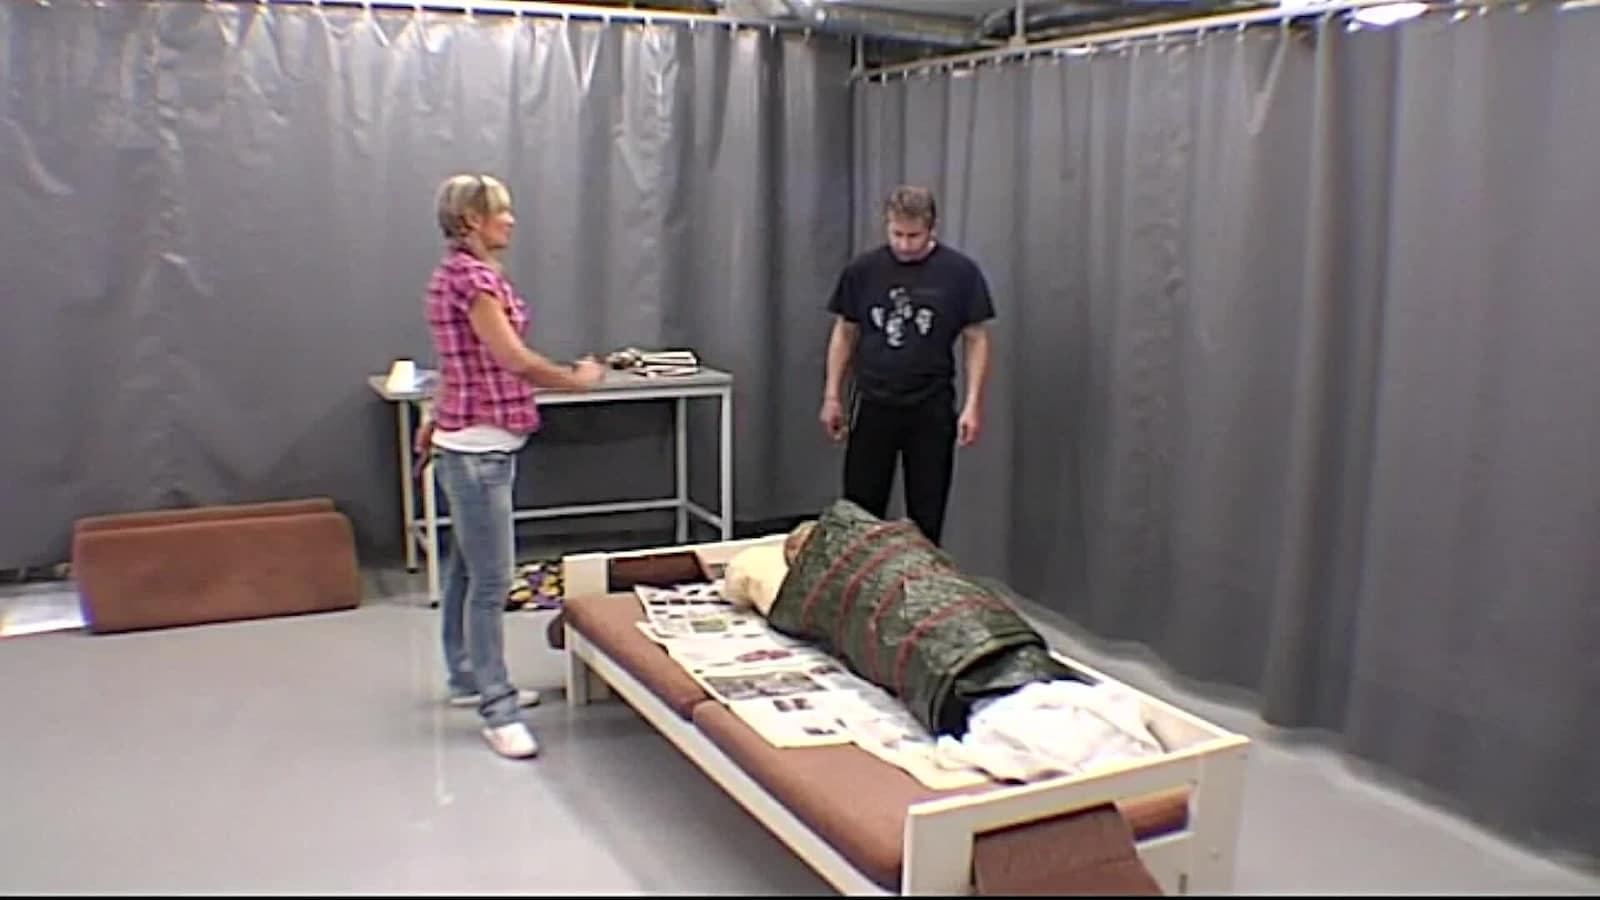 2. Vilja Eerikan julma kidutusmurha & Pohjoinen huumereitti